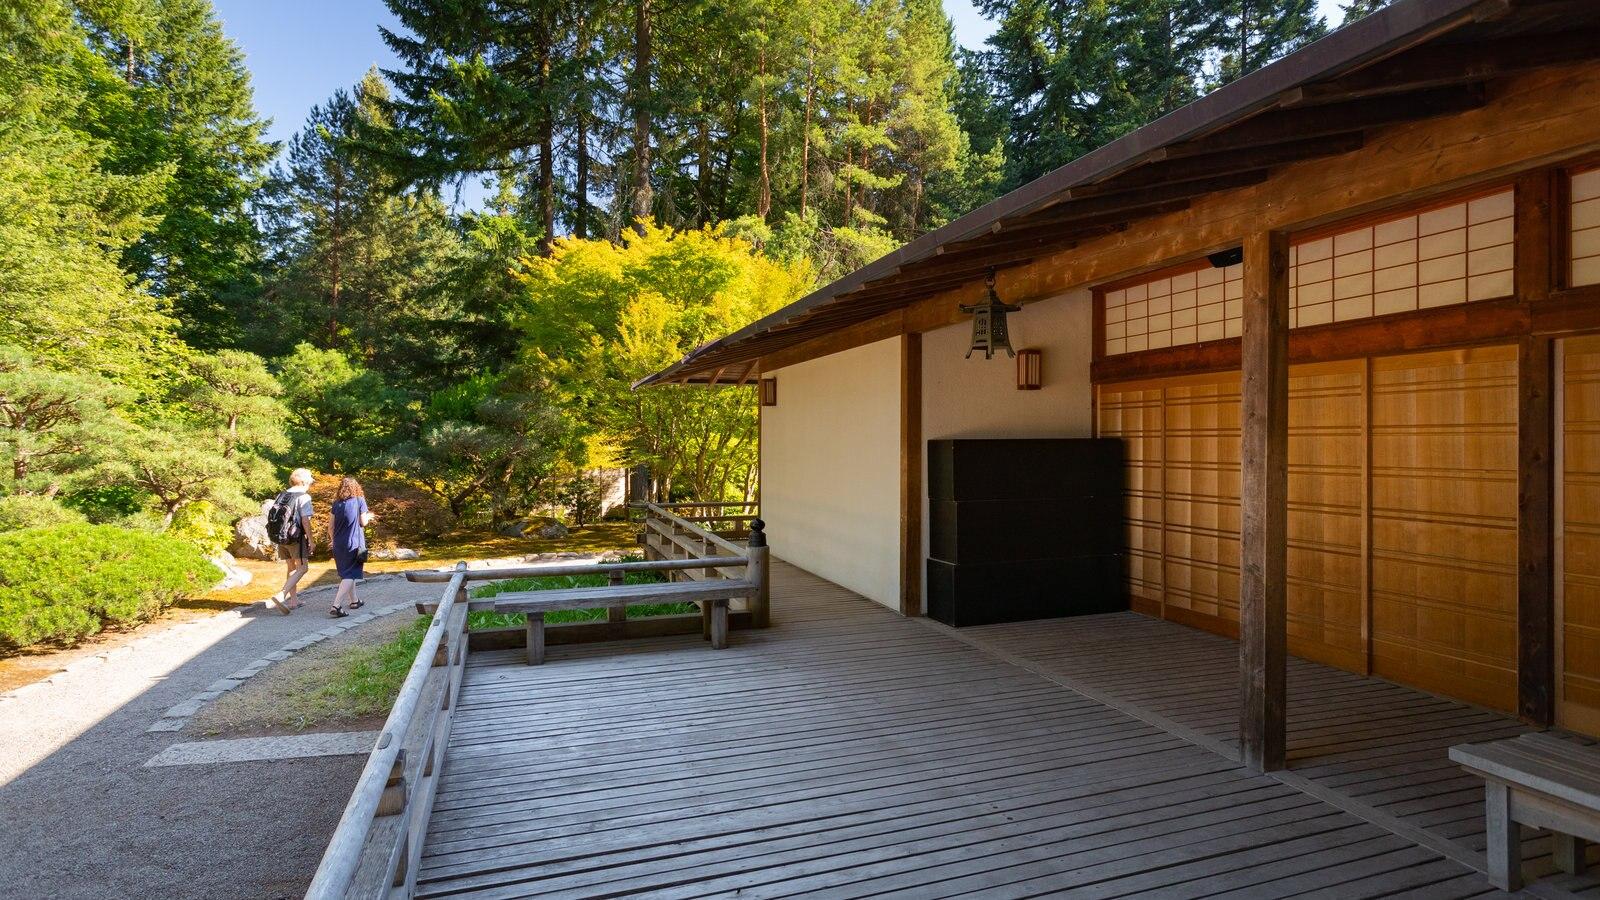 Jardín Japonés de Portland y también una pareja